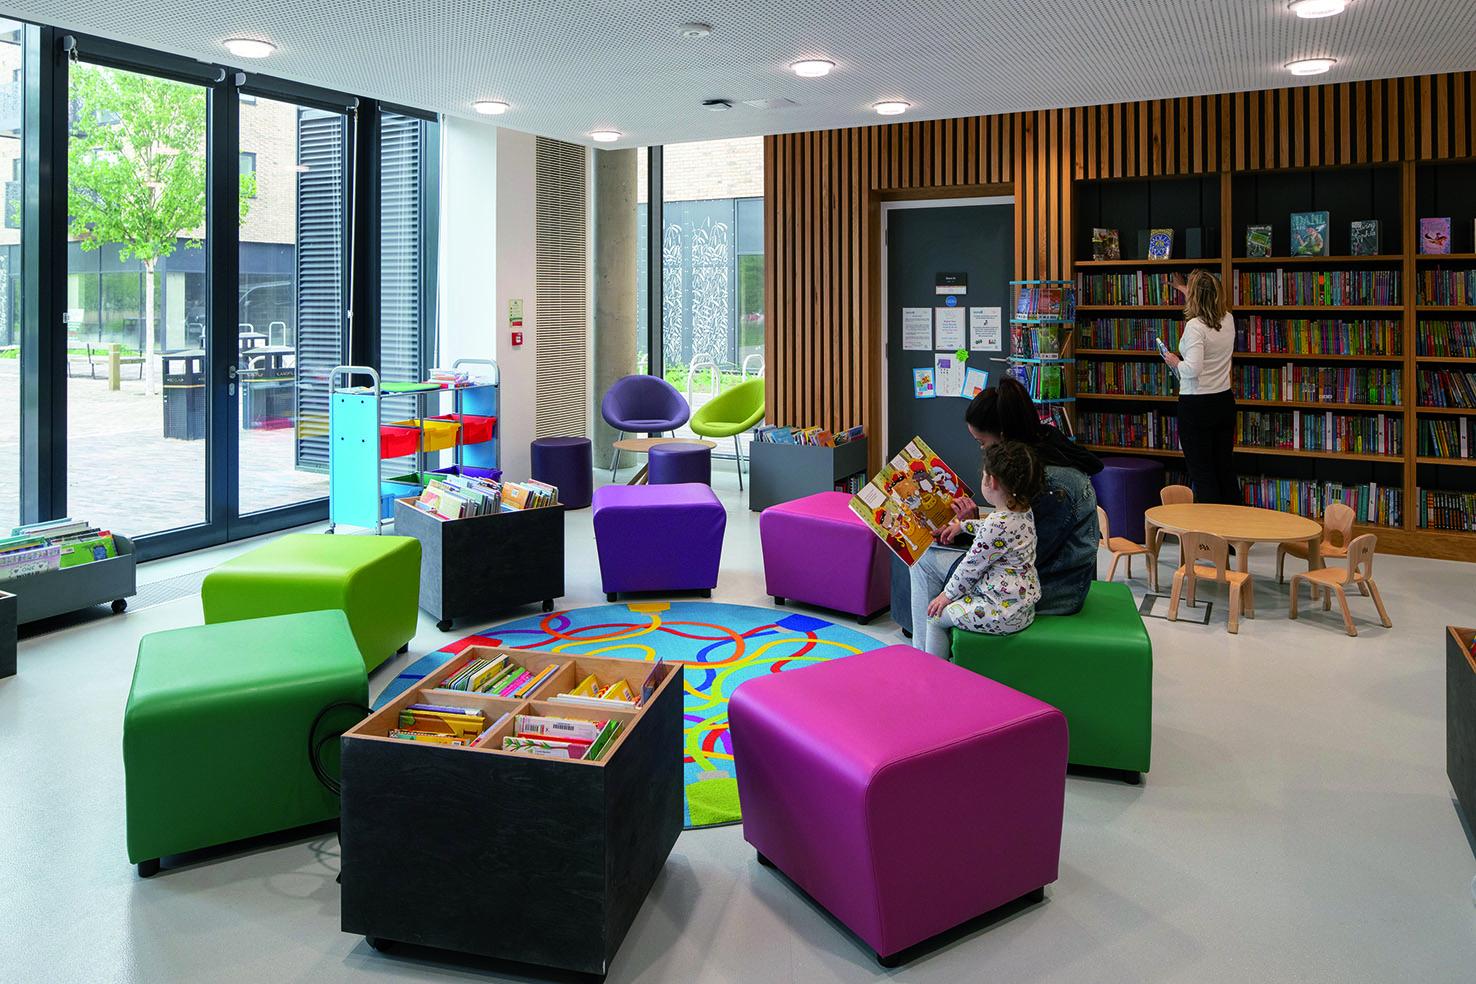 Clay Farm Centre children's library